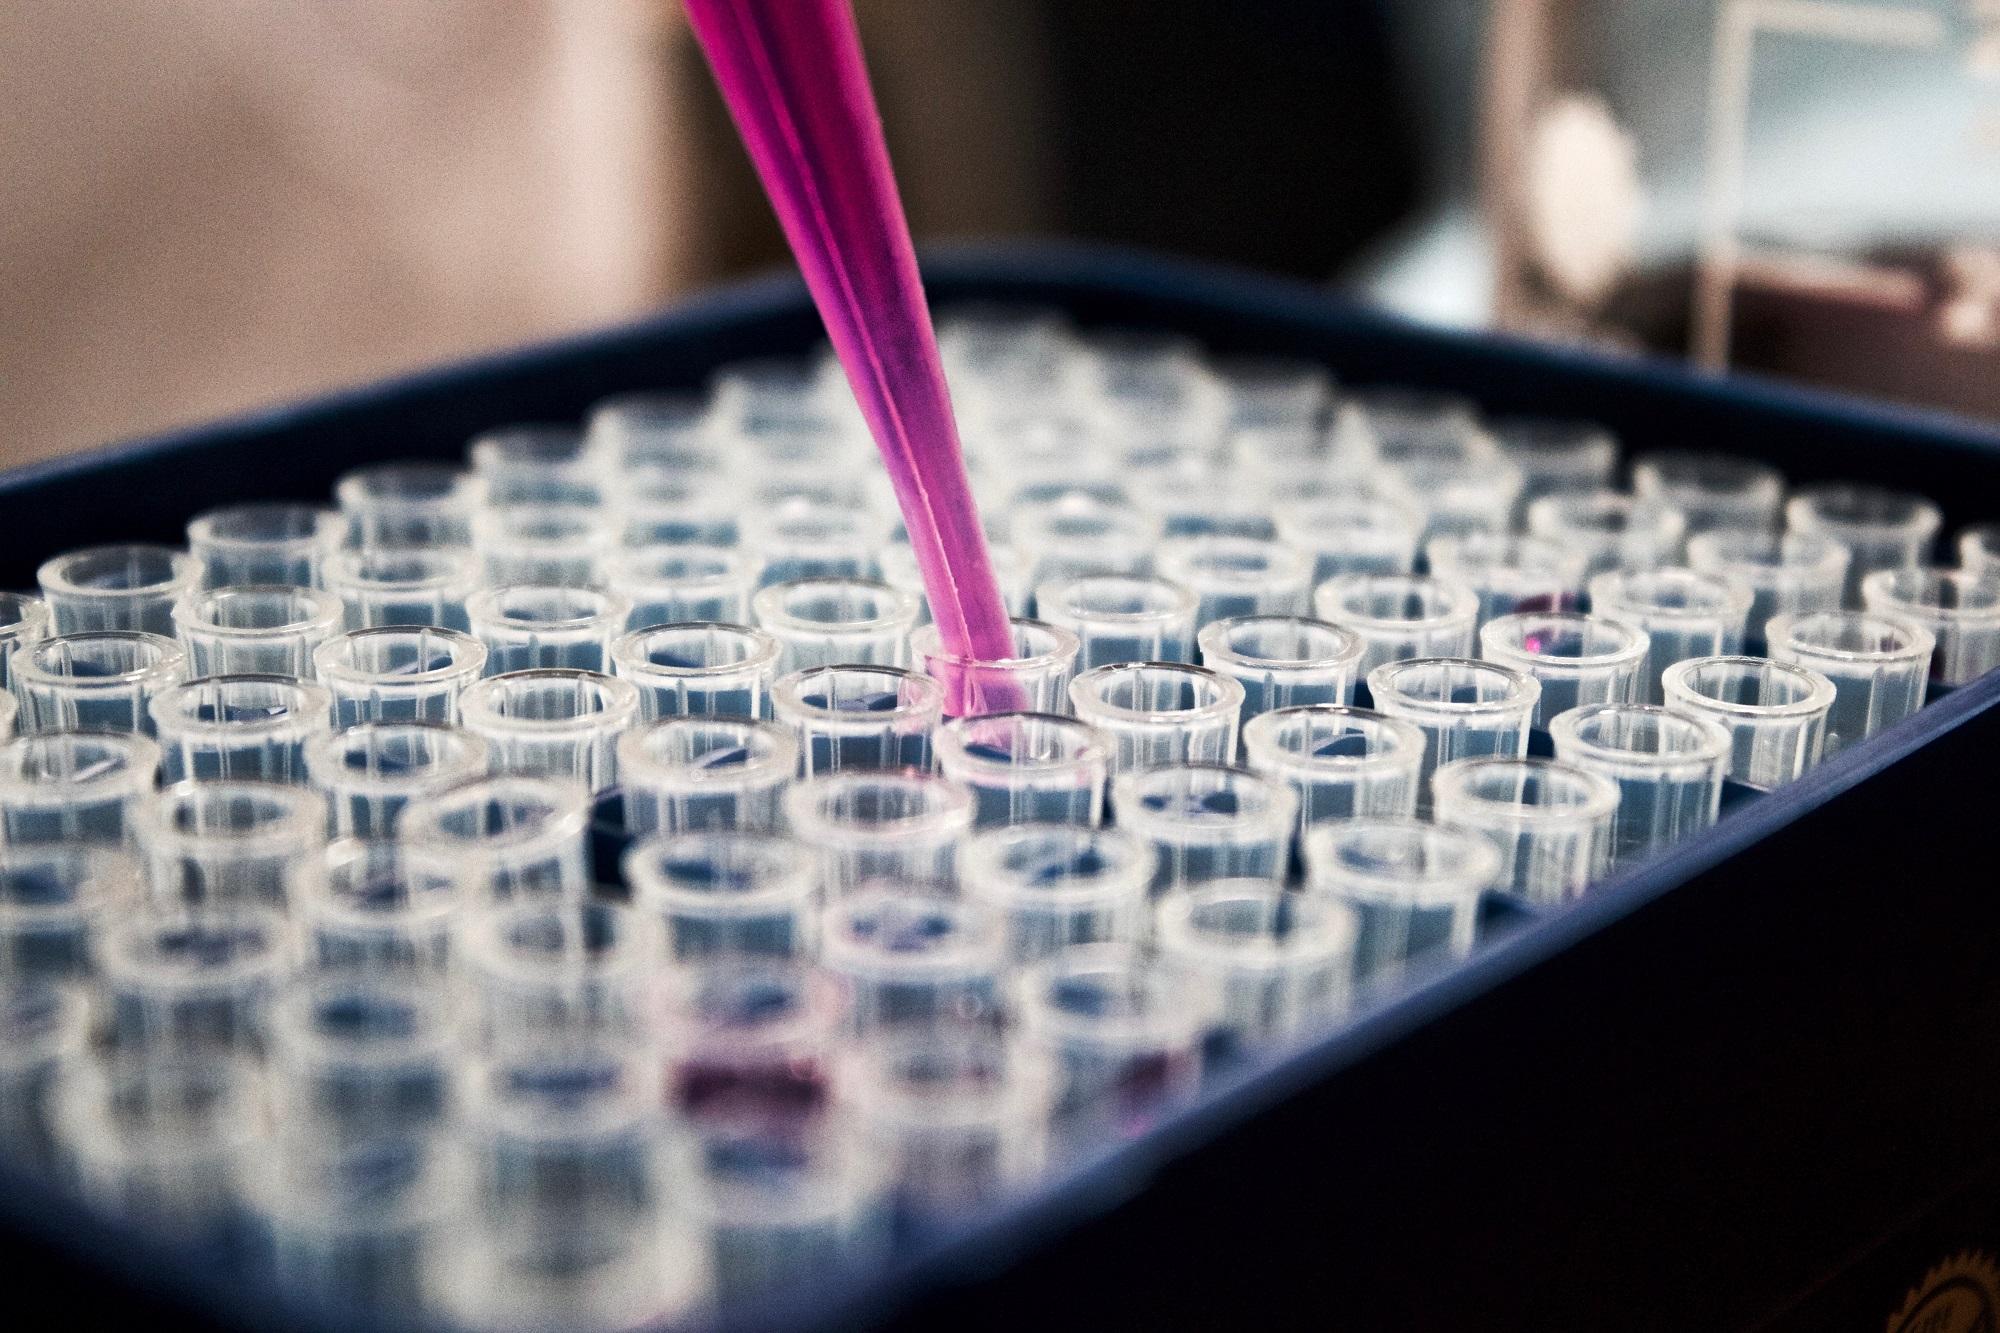 La biotecnología se aplica a muchos sectores económicos